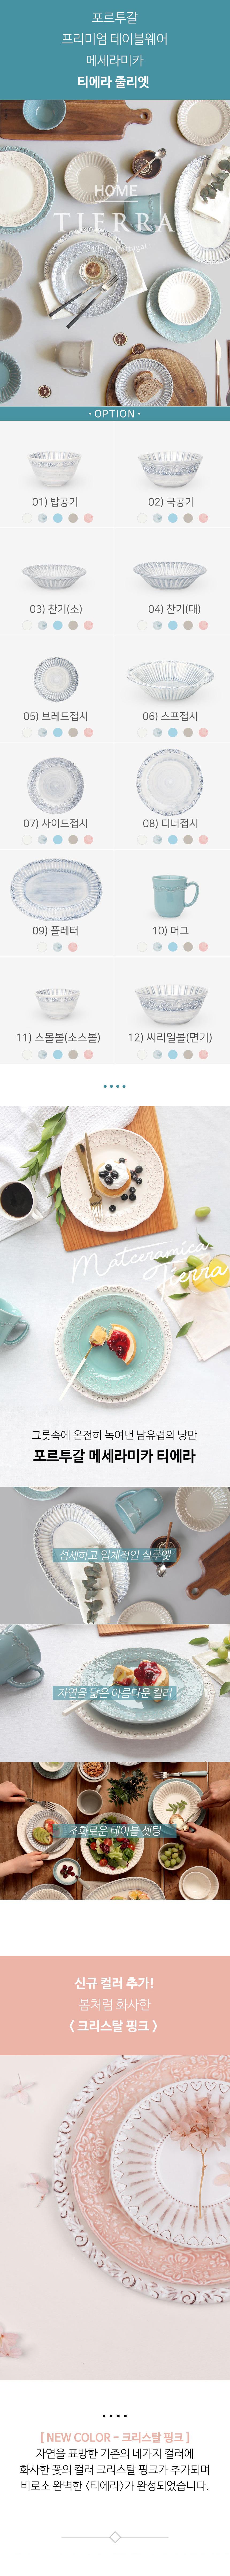 메세라미카 포르투갈 티에라 줄리엣 핸드메이드도자기 - 테이블코드, 14,400원, 접시/찬기, 접시